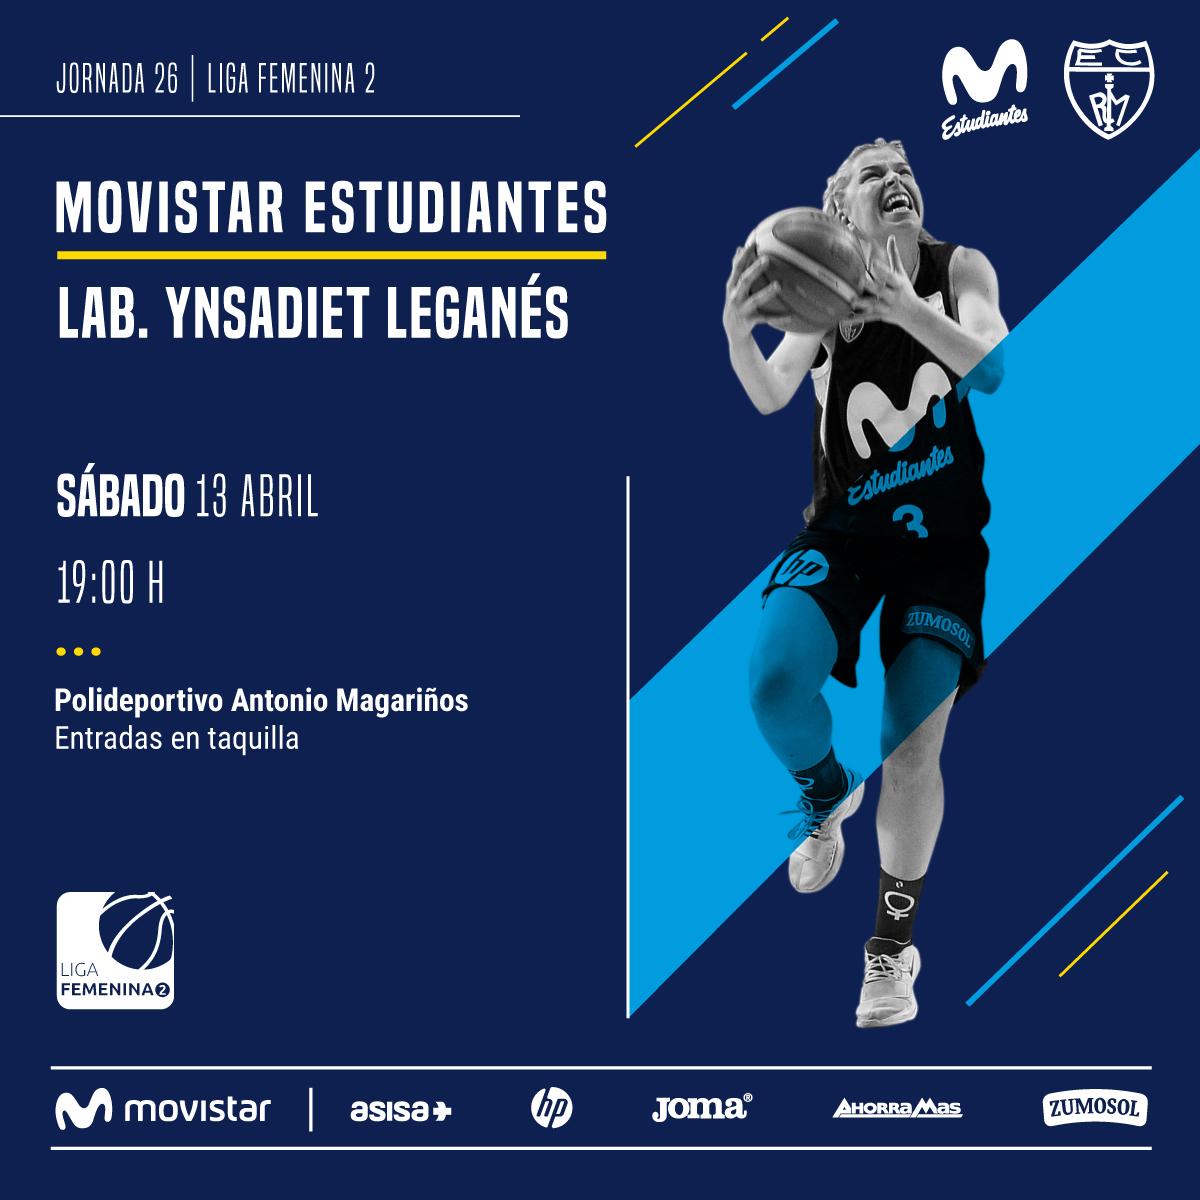 LF2: Movistar Estu- Y. Leganés, sábado 13, 19h